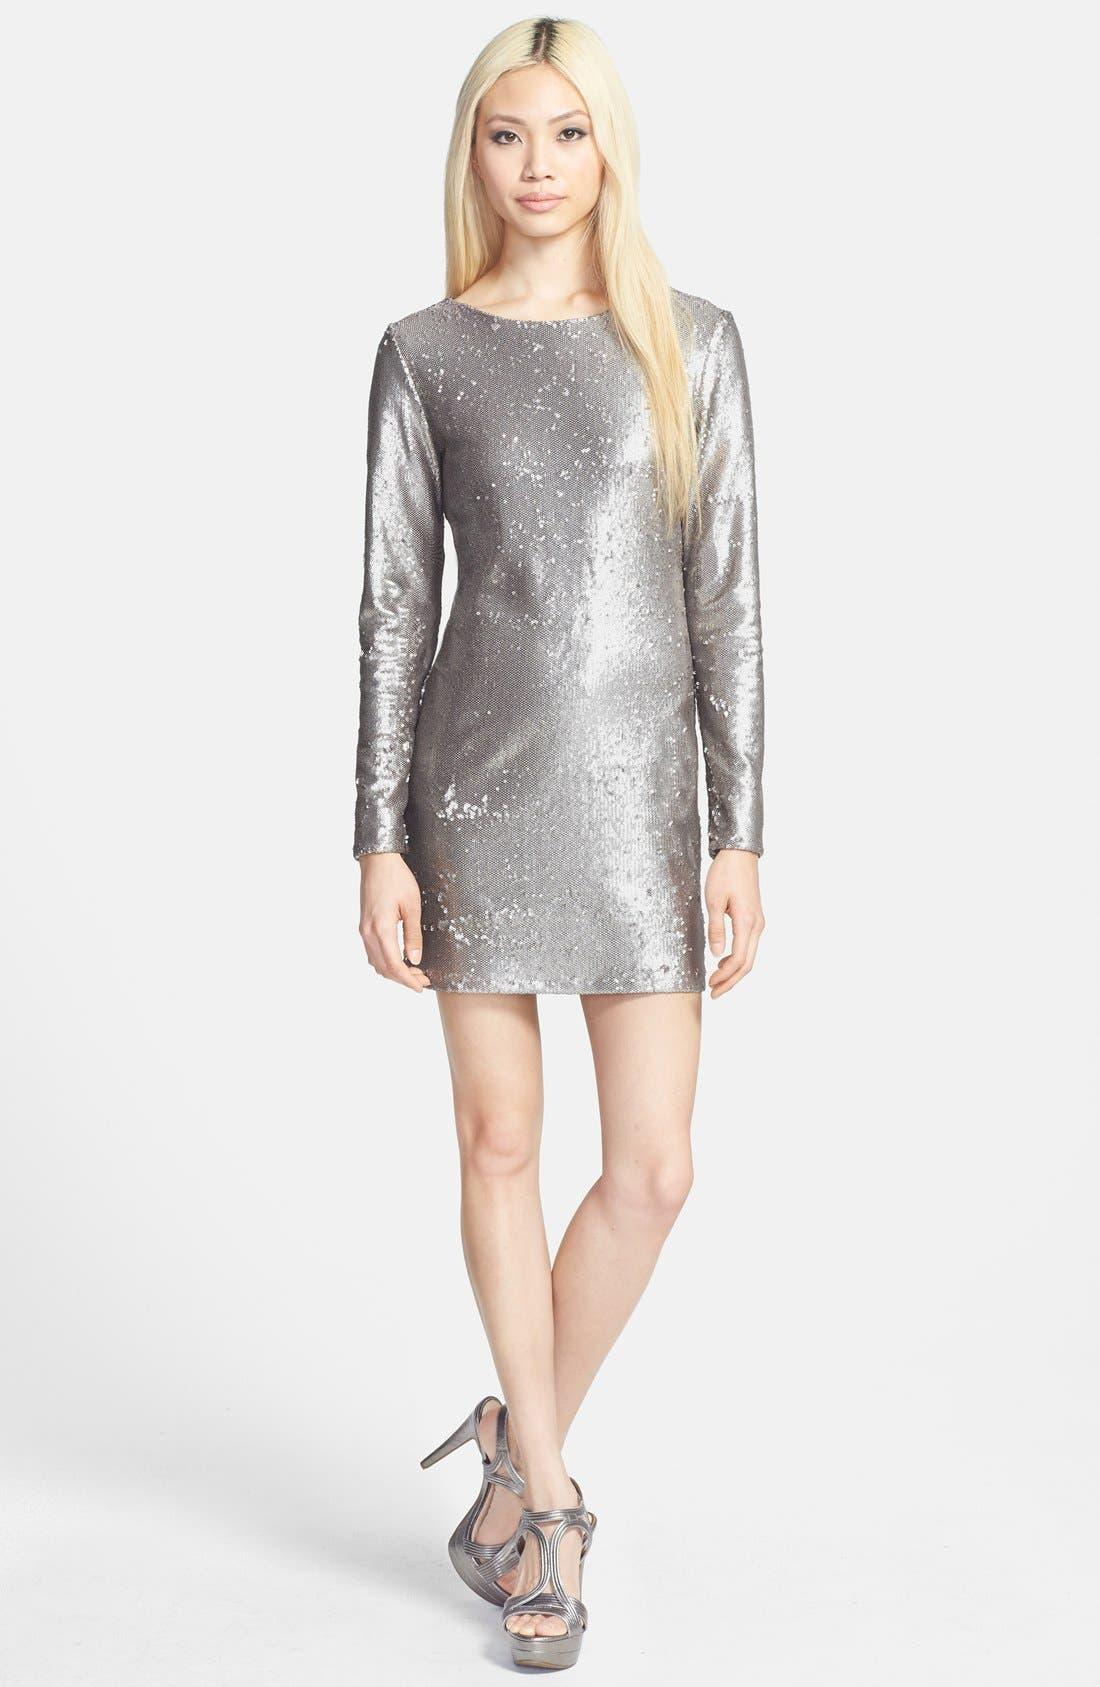 Alternate Image 1 Selected - Glamorous V-Back Sequin Dress Sequin